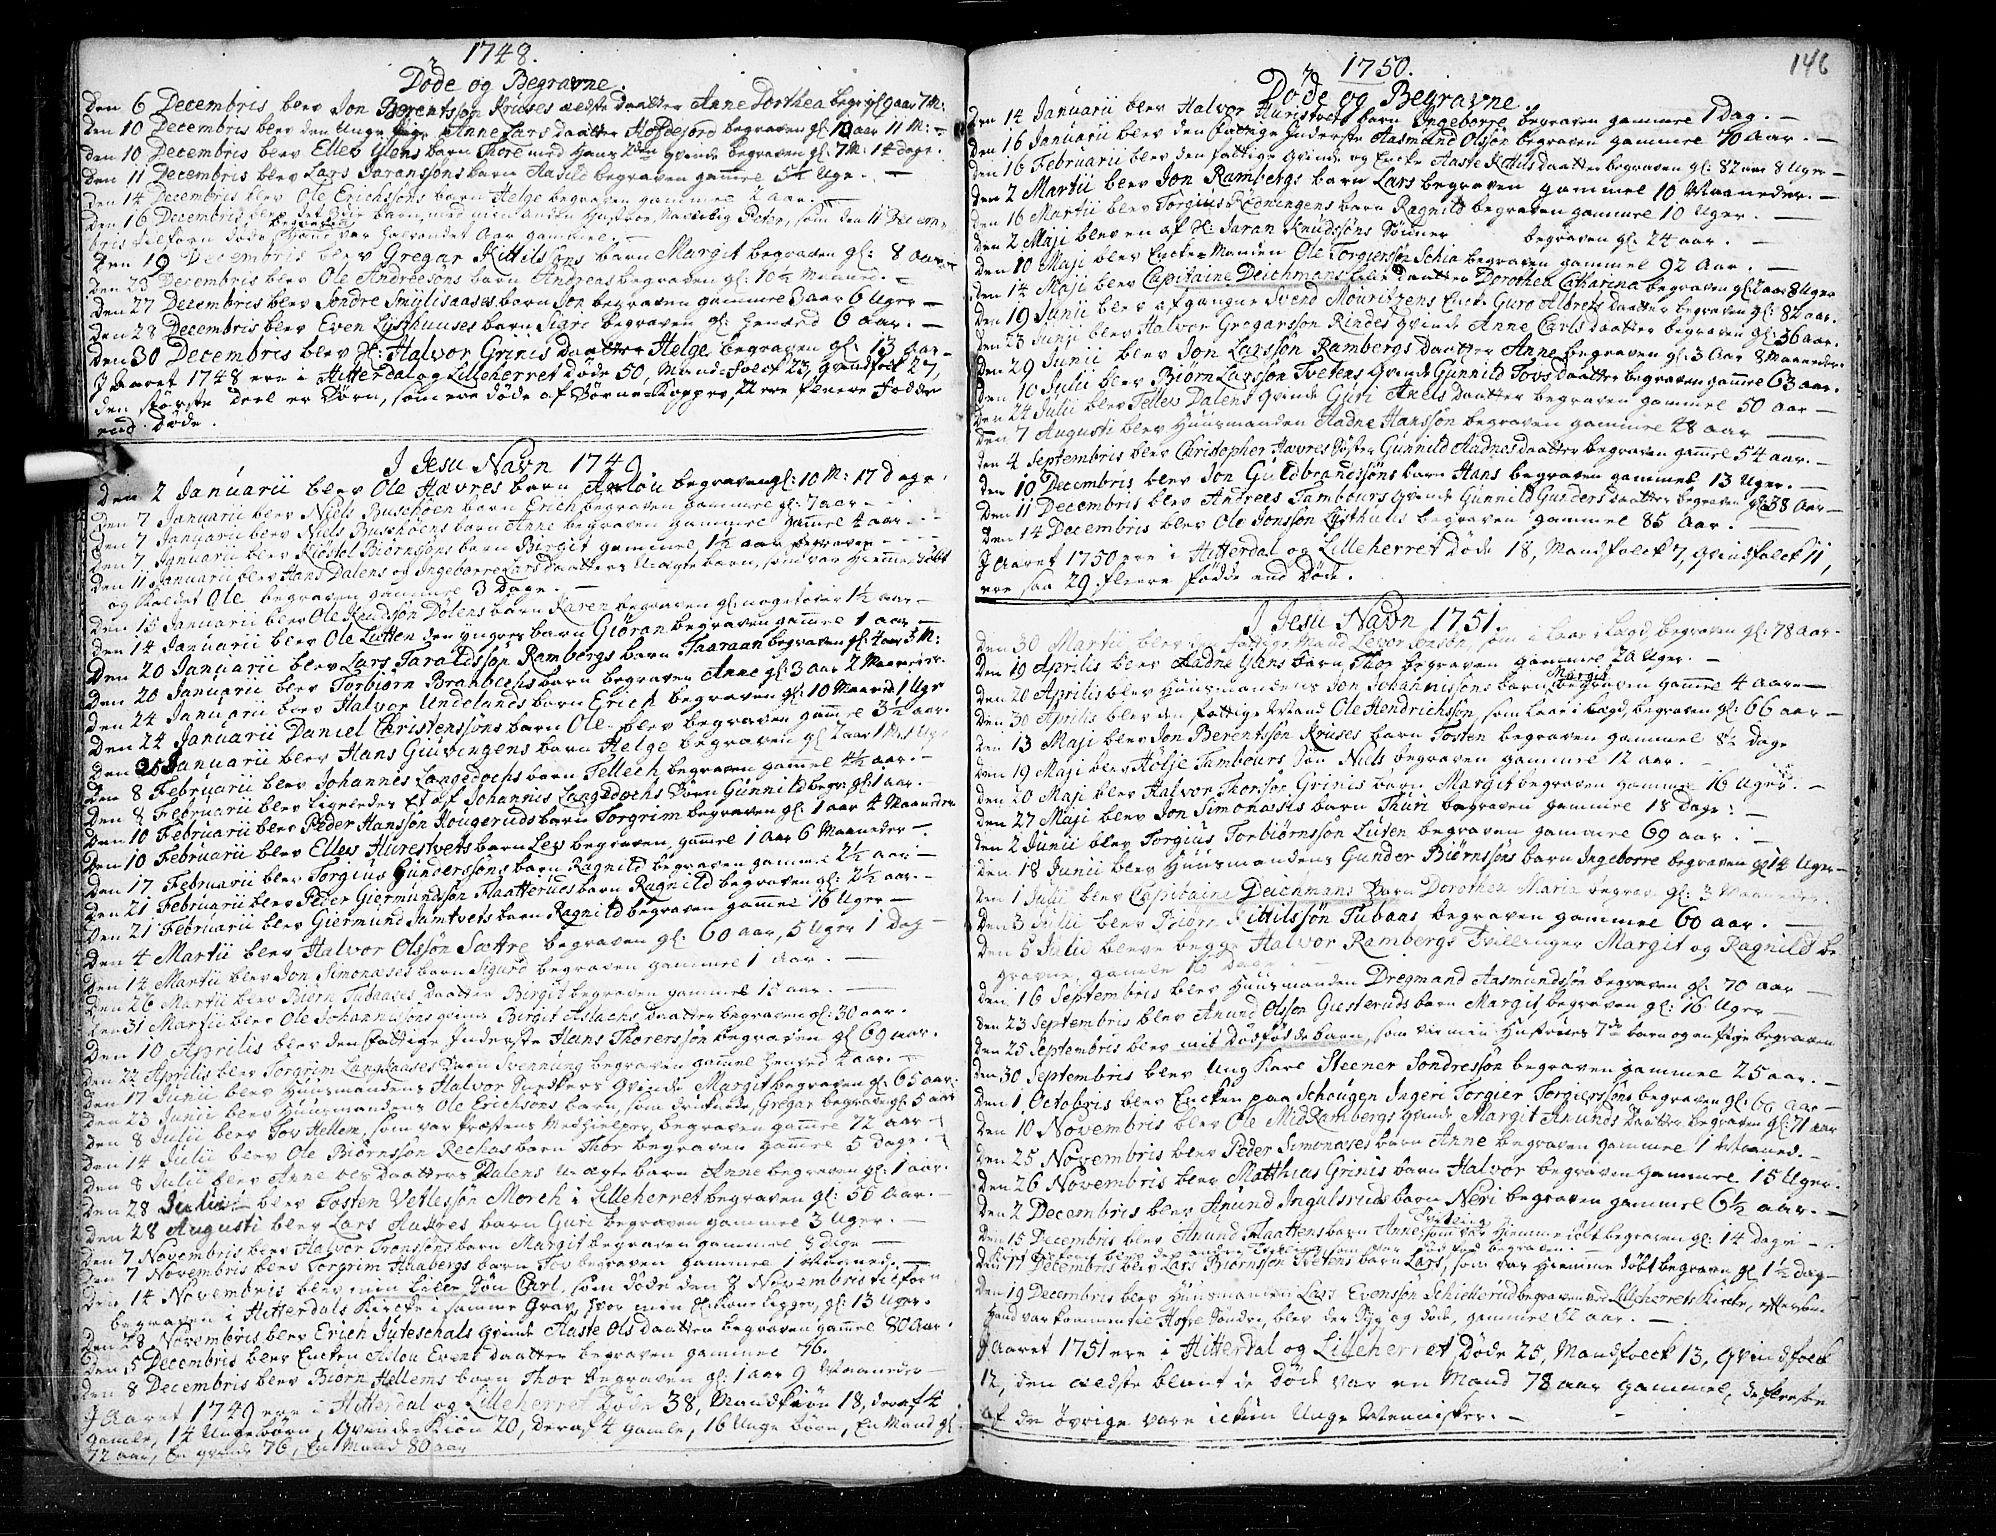 SAKO, Heddal kirkebøker, F/Fa/L0003: Ministerialbok nr. I 3, 1723-1783, s. 146